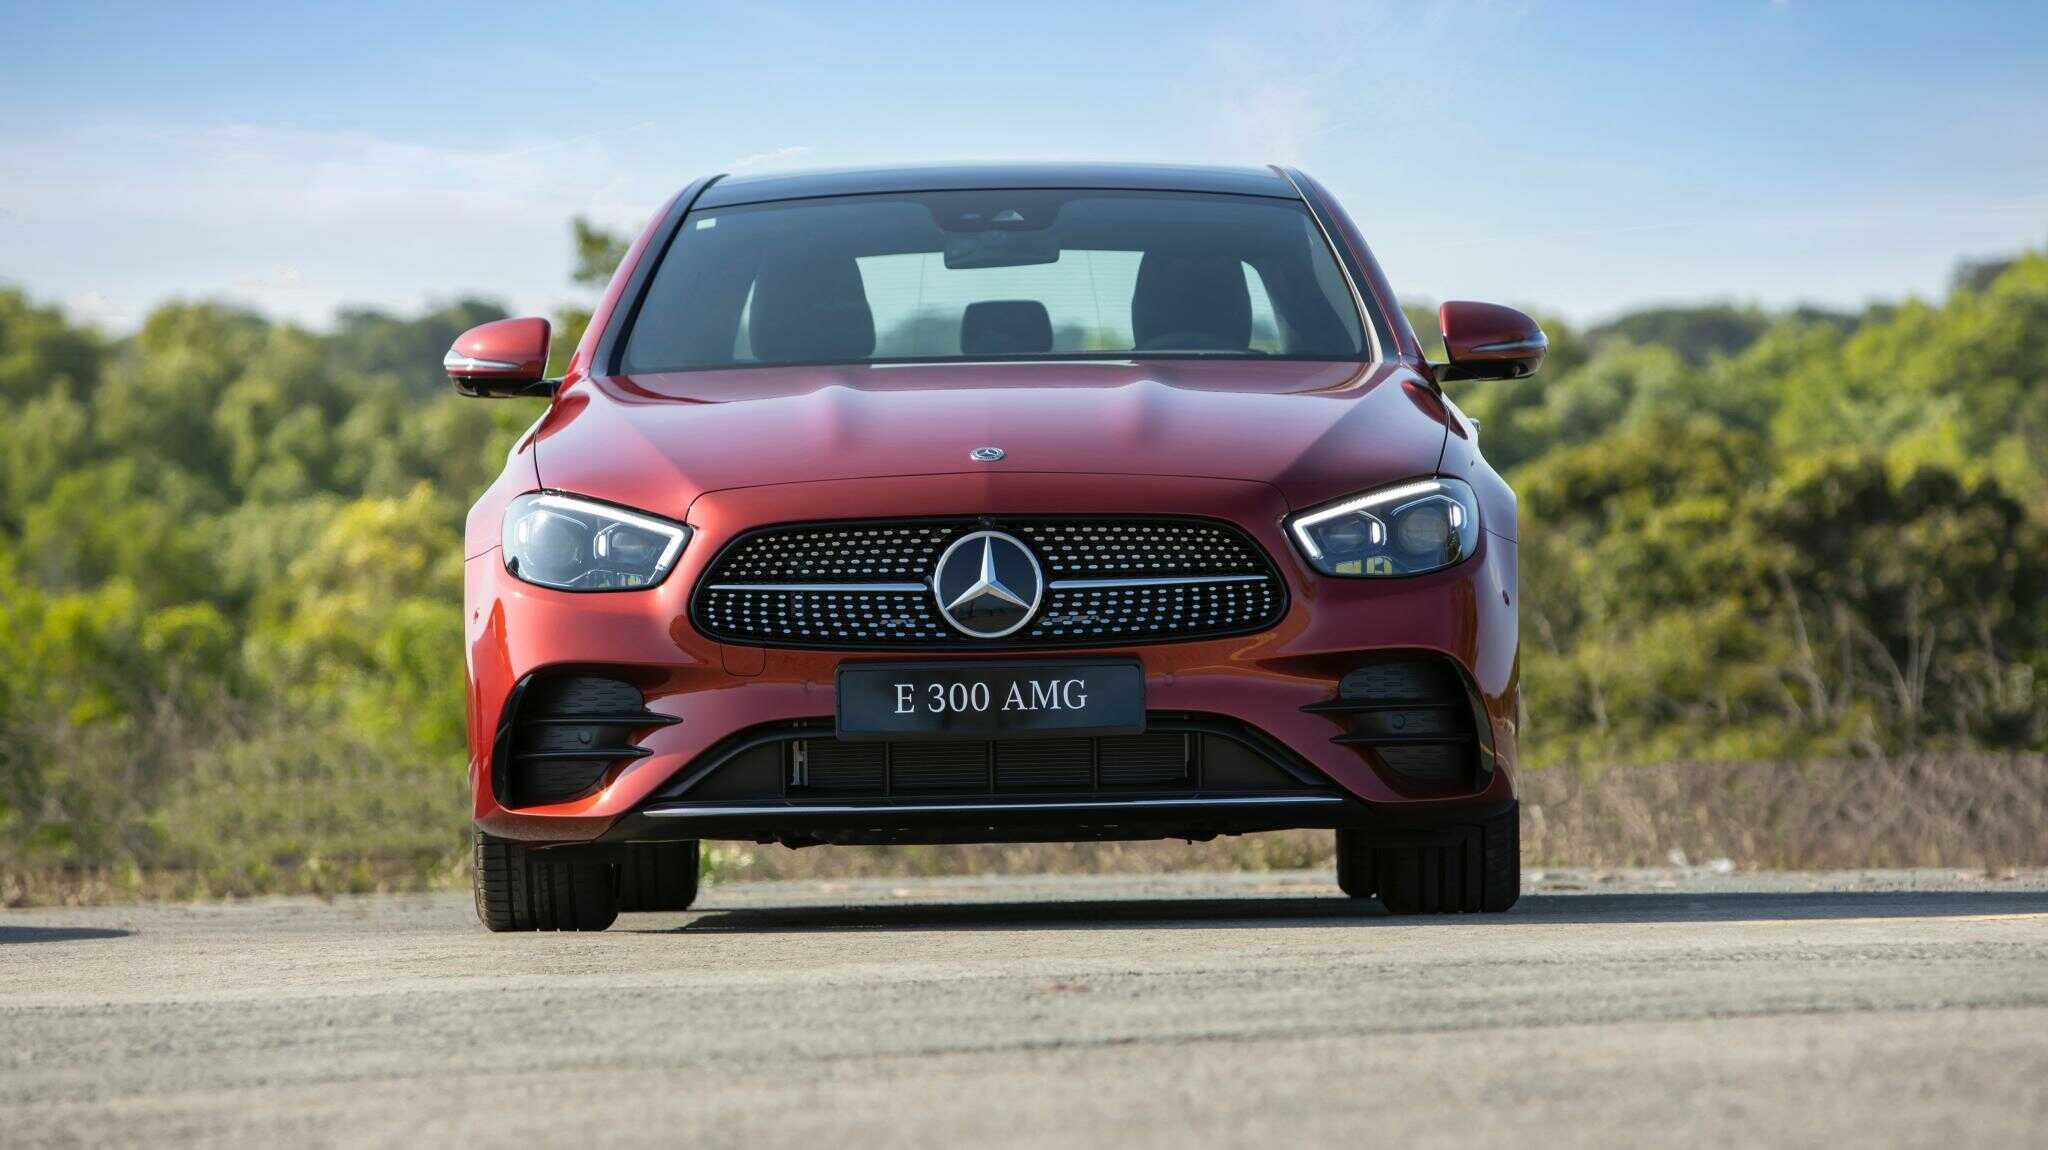 Giá xe Mercedes E300 AMG 2022 lăn bánh tại Hà Nội